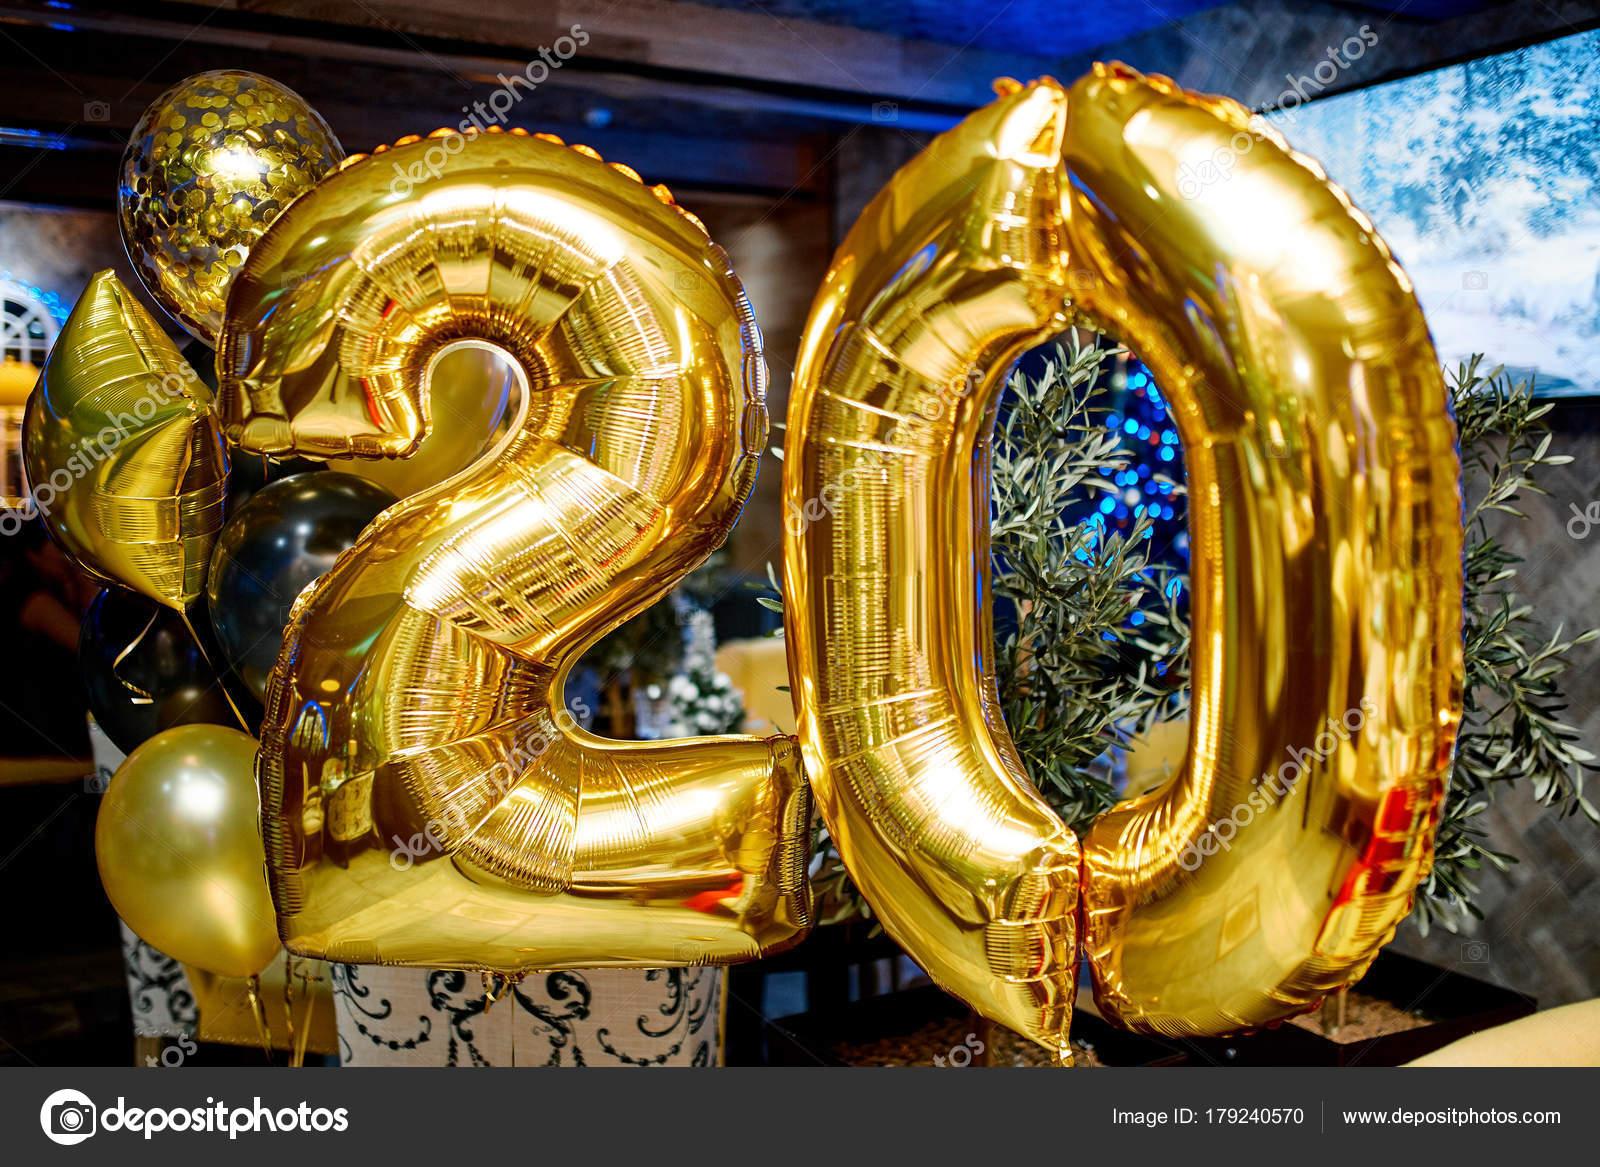 cafacb977a7a Número de bolas de vacaciones 20. Joyas de oro brillante para cumpleaños —  Fotos de